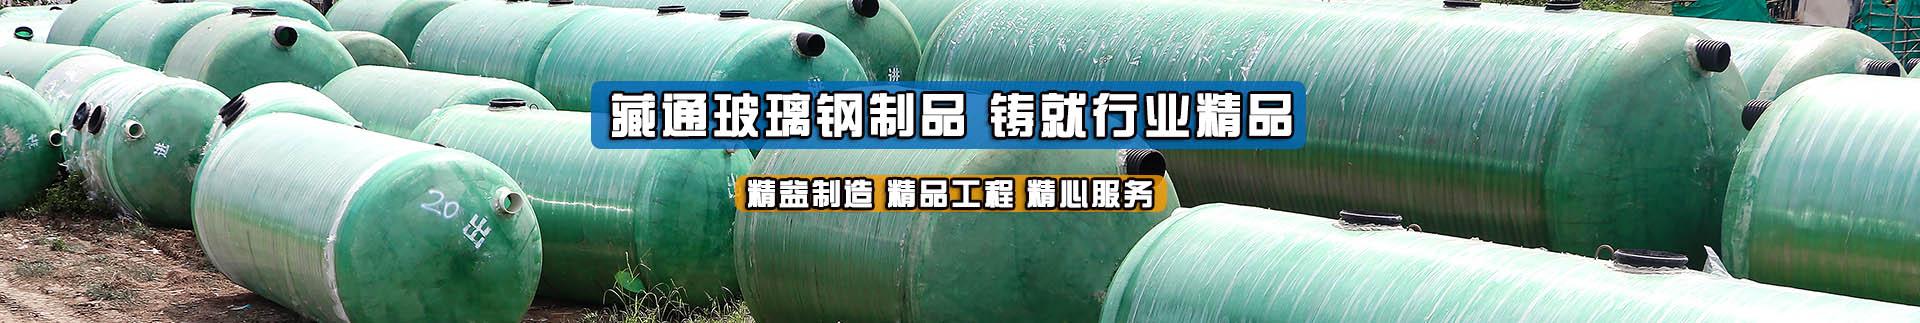 南宁市藏通环保科技有限公司